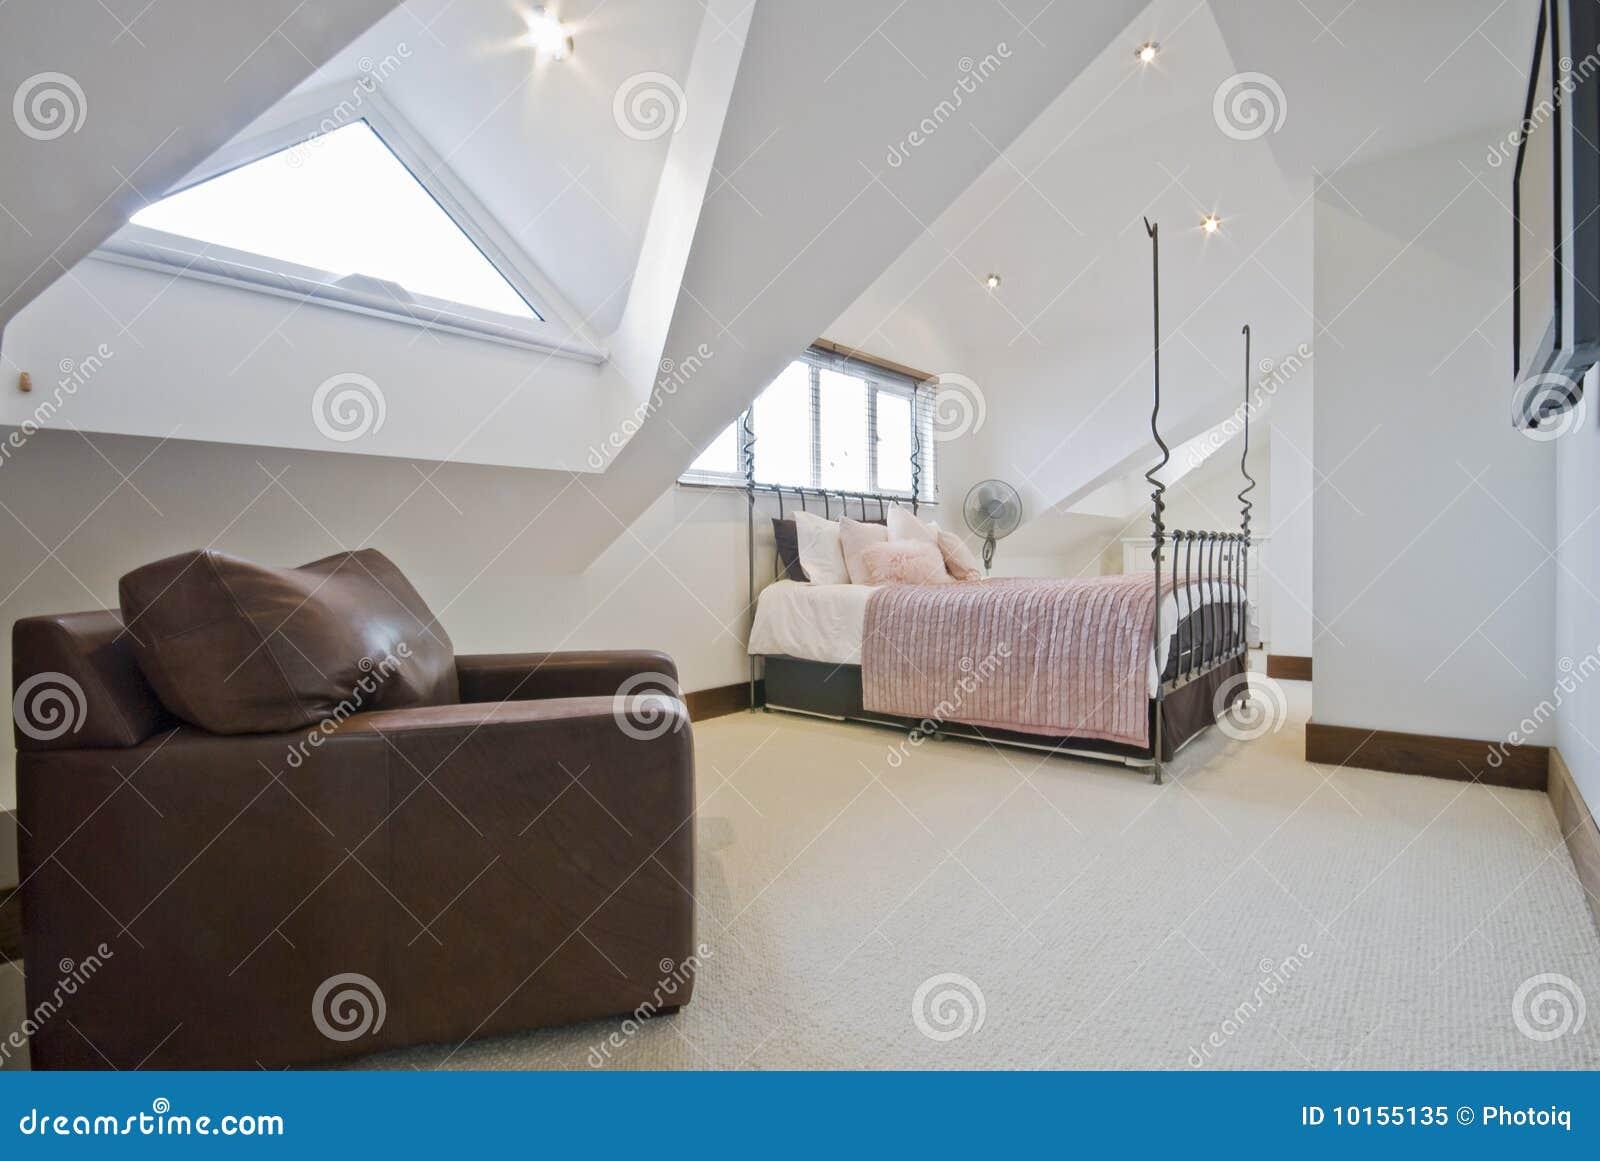 De slaapkamer van de zolder royalty vrije stock foto   afbeelding ...